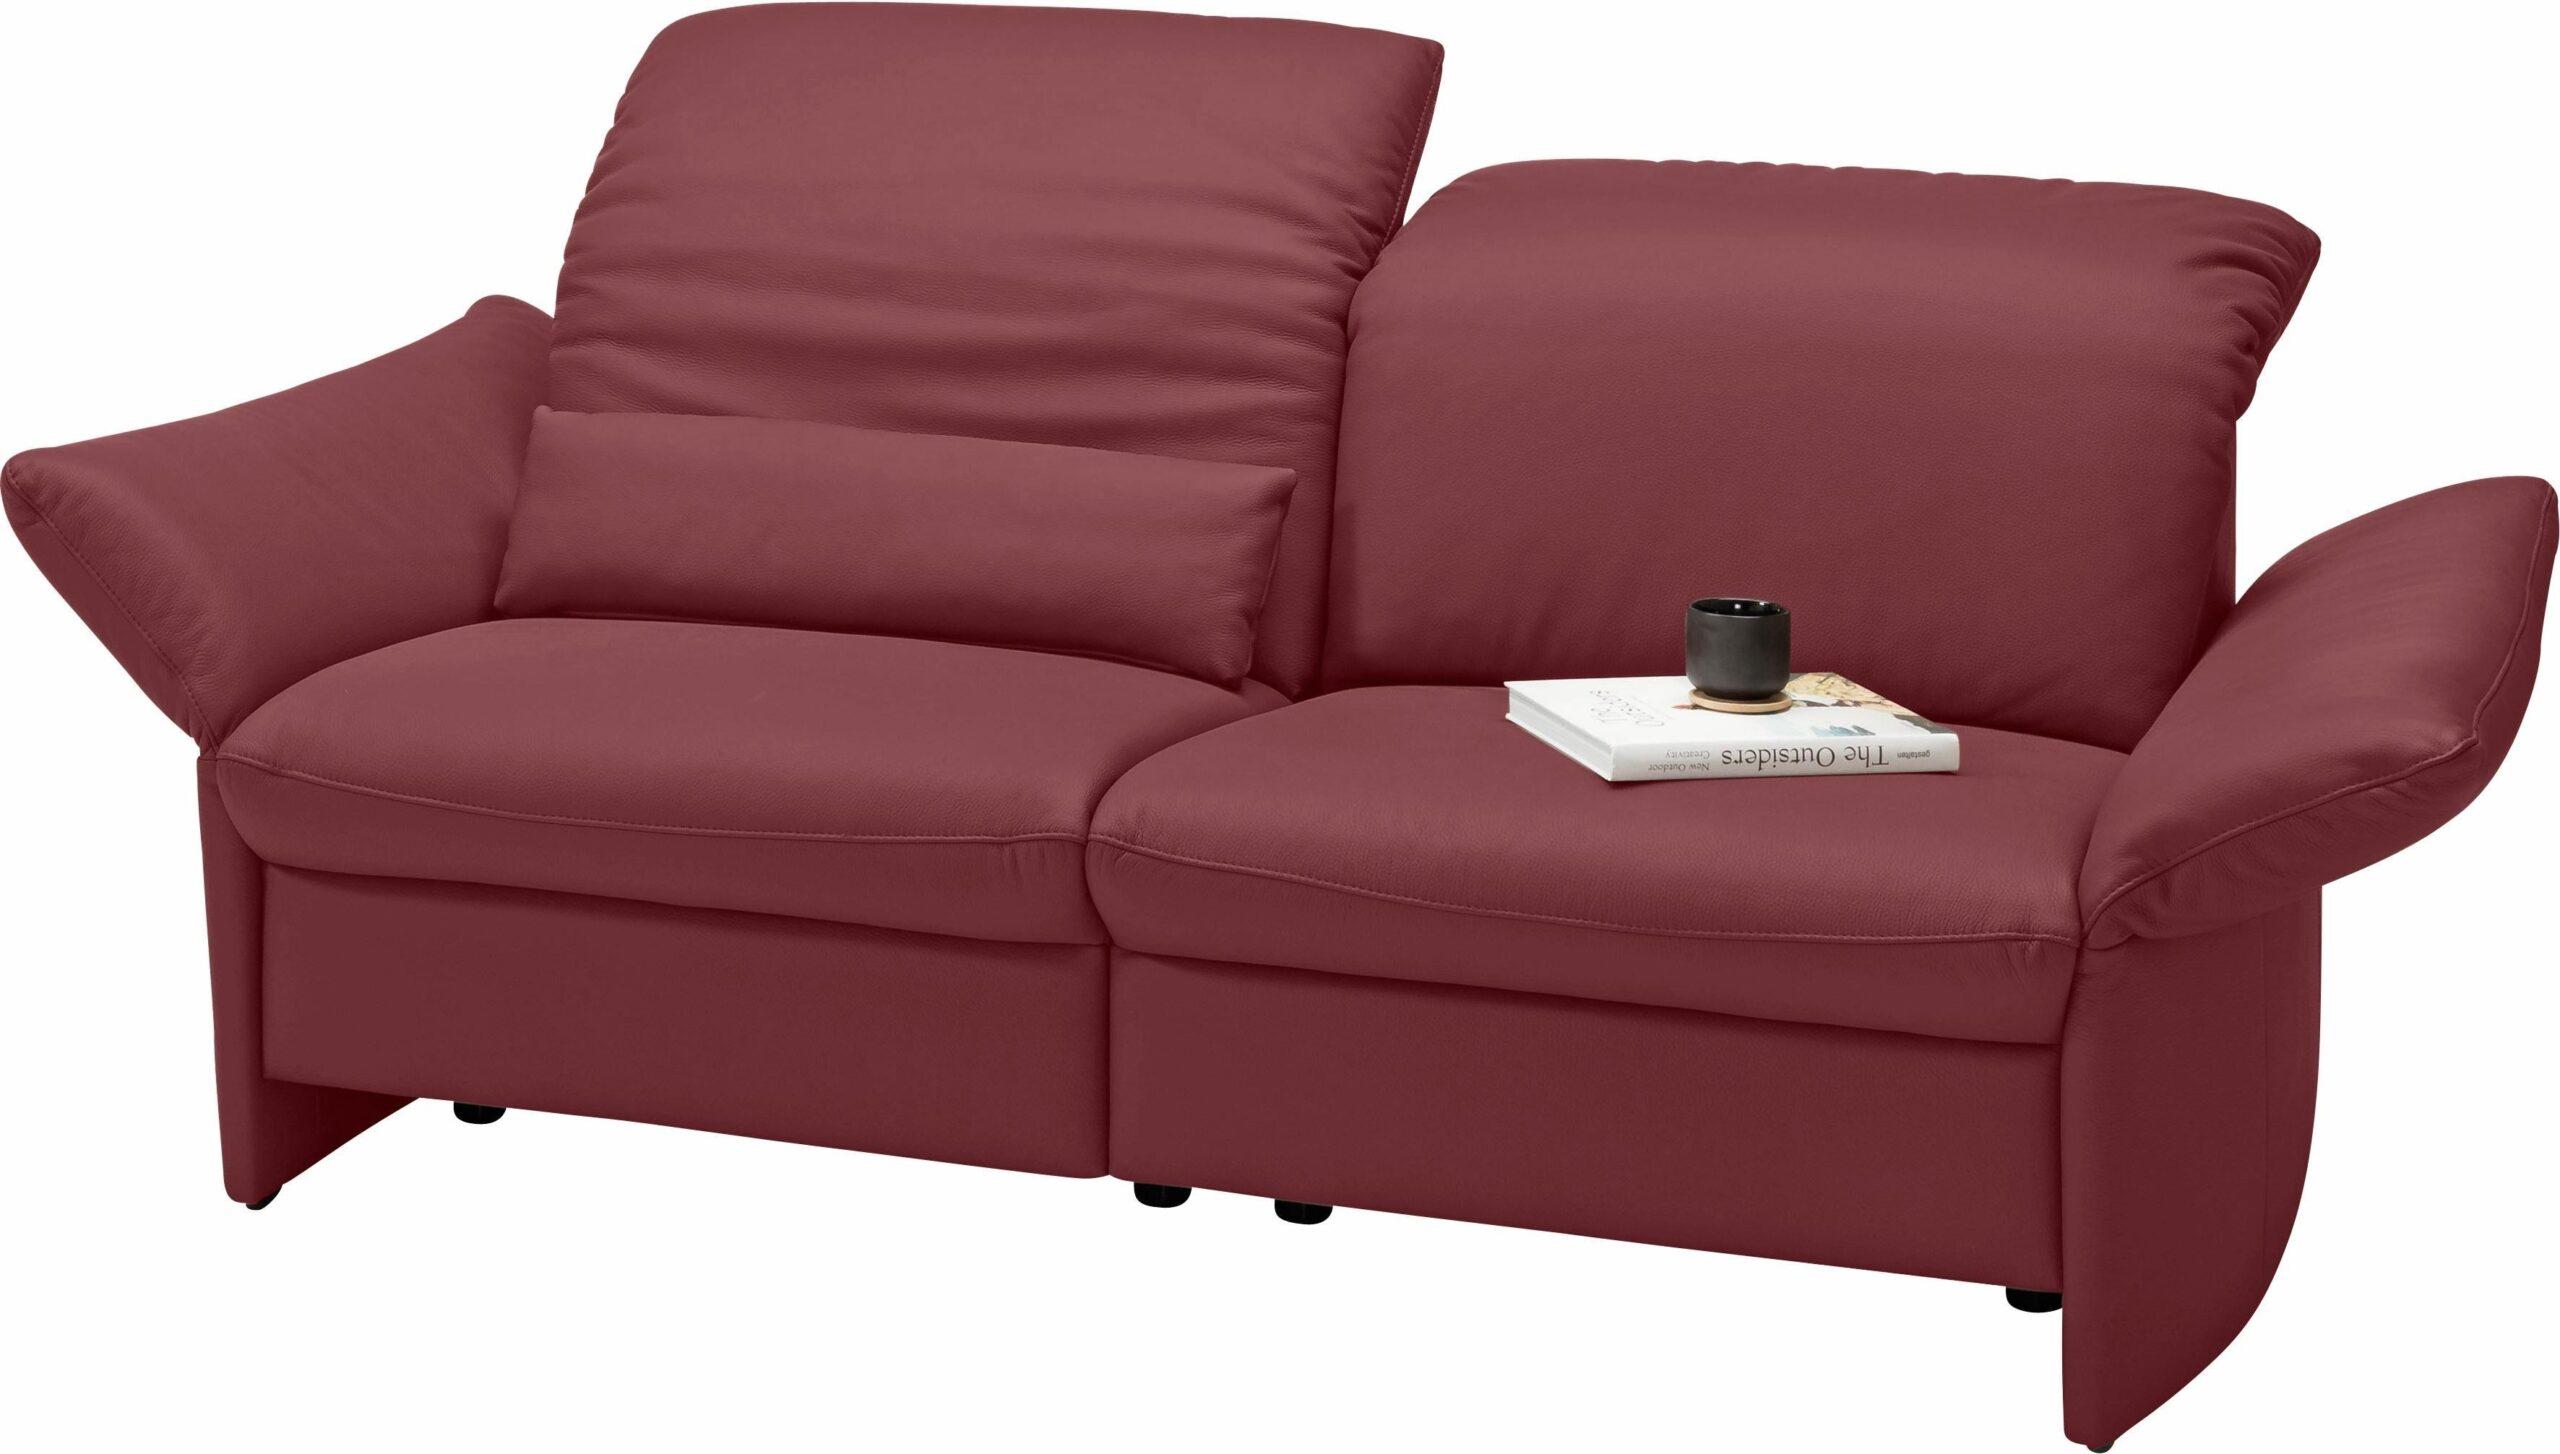 Full Size of Sofa 2 5 Sitzer   Grau Mit Relaxfunktion 196 Cm Breit Sitzer Couch 2 Sitzer City Stoff 5 Elektrisch Leder Integrierter Tischablage Und Stauraumfach Sofa 2 Sitzer Sofa Mit Relaxfunktion